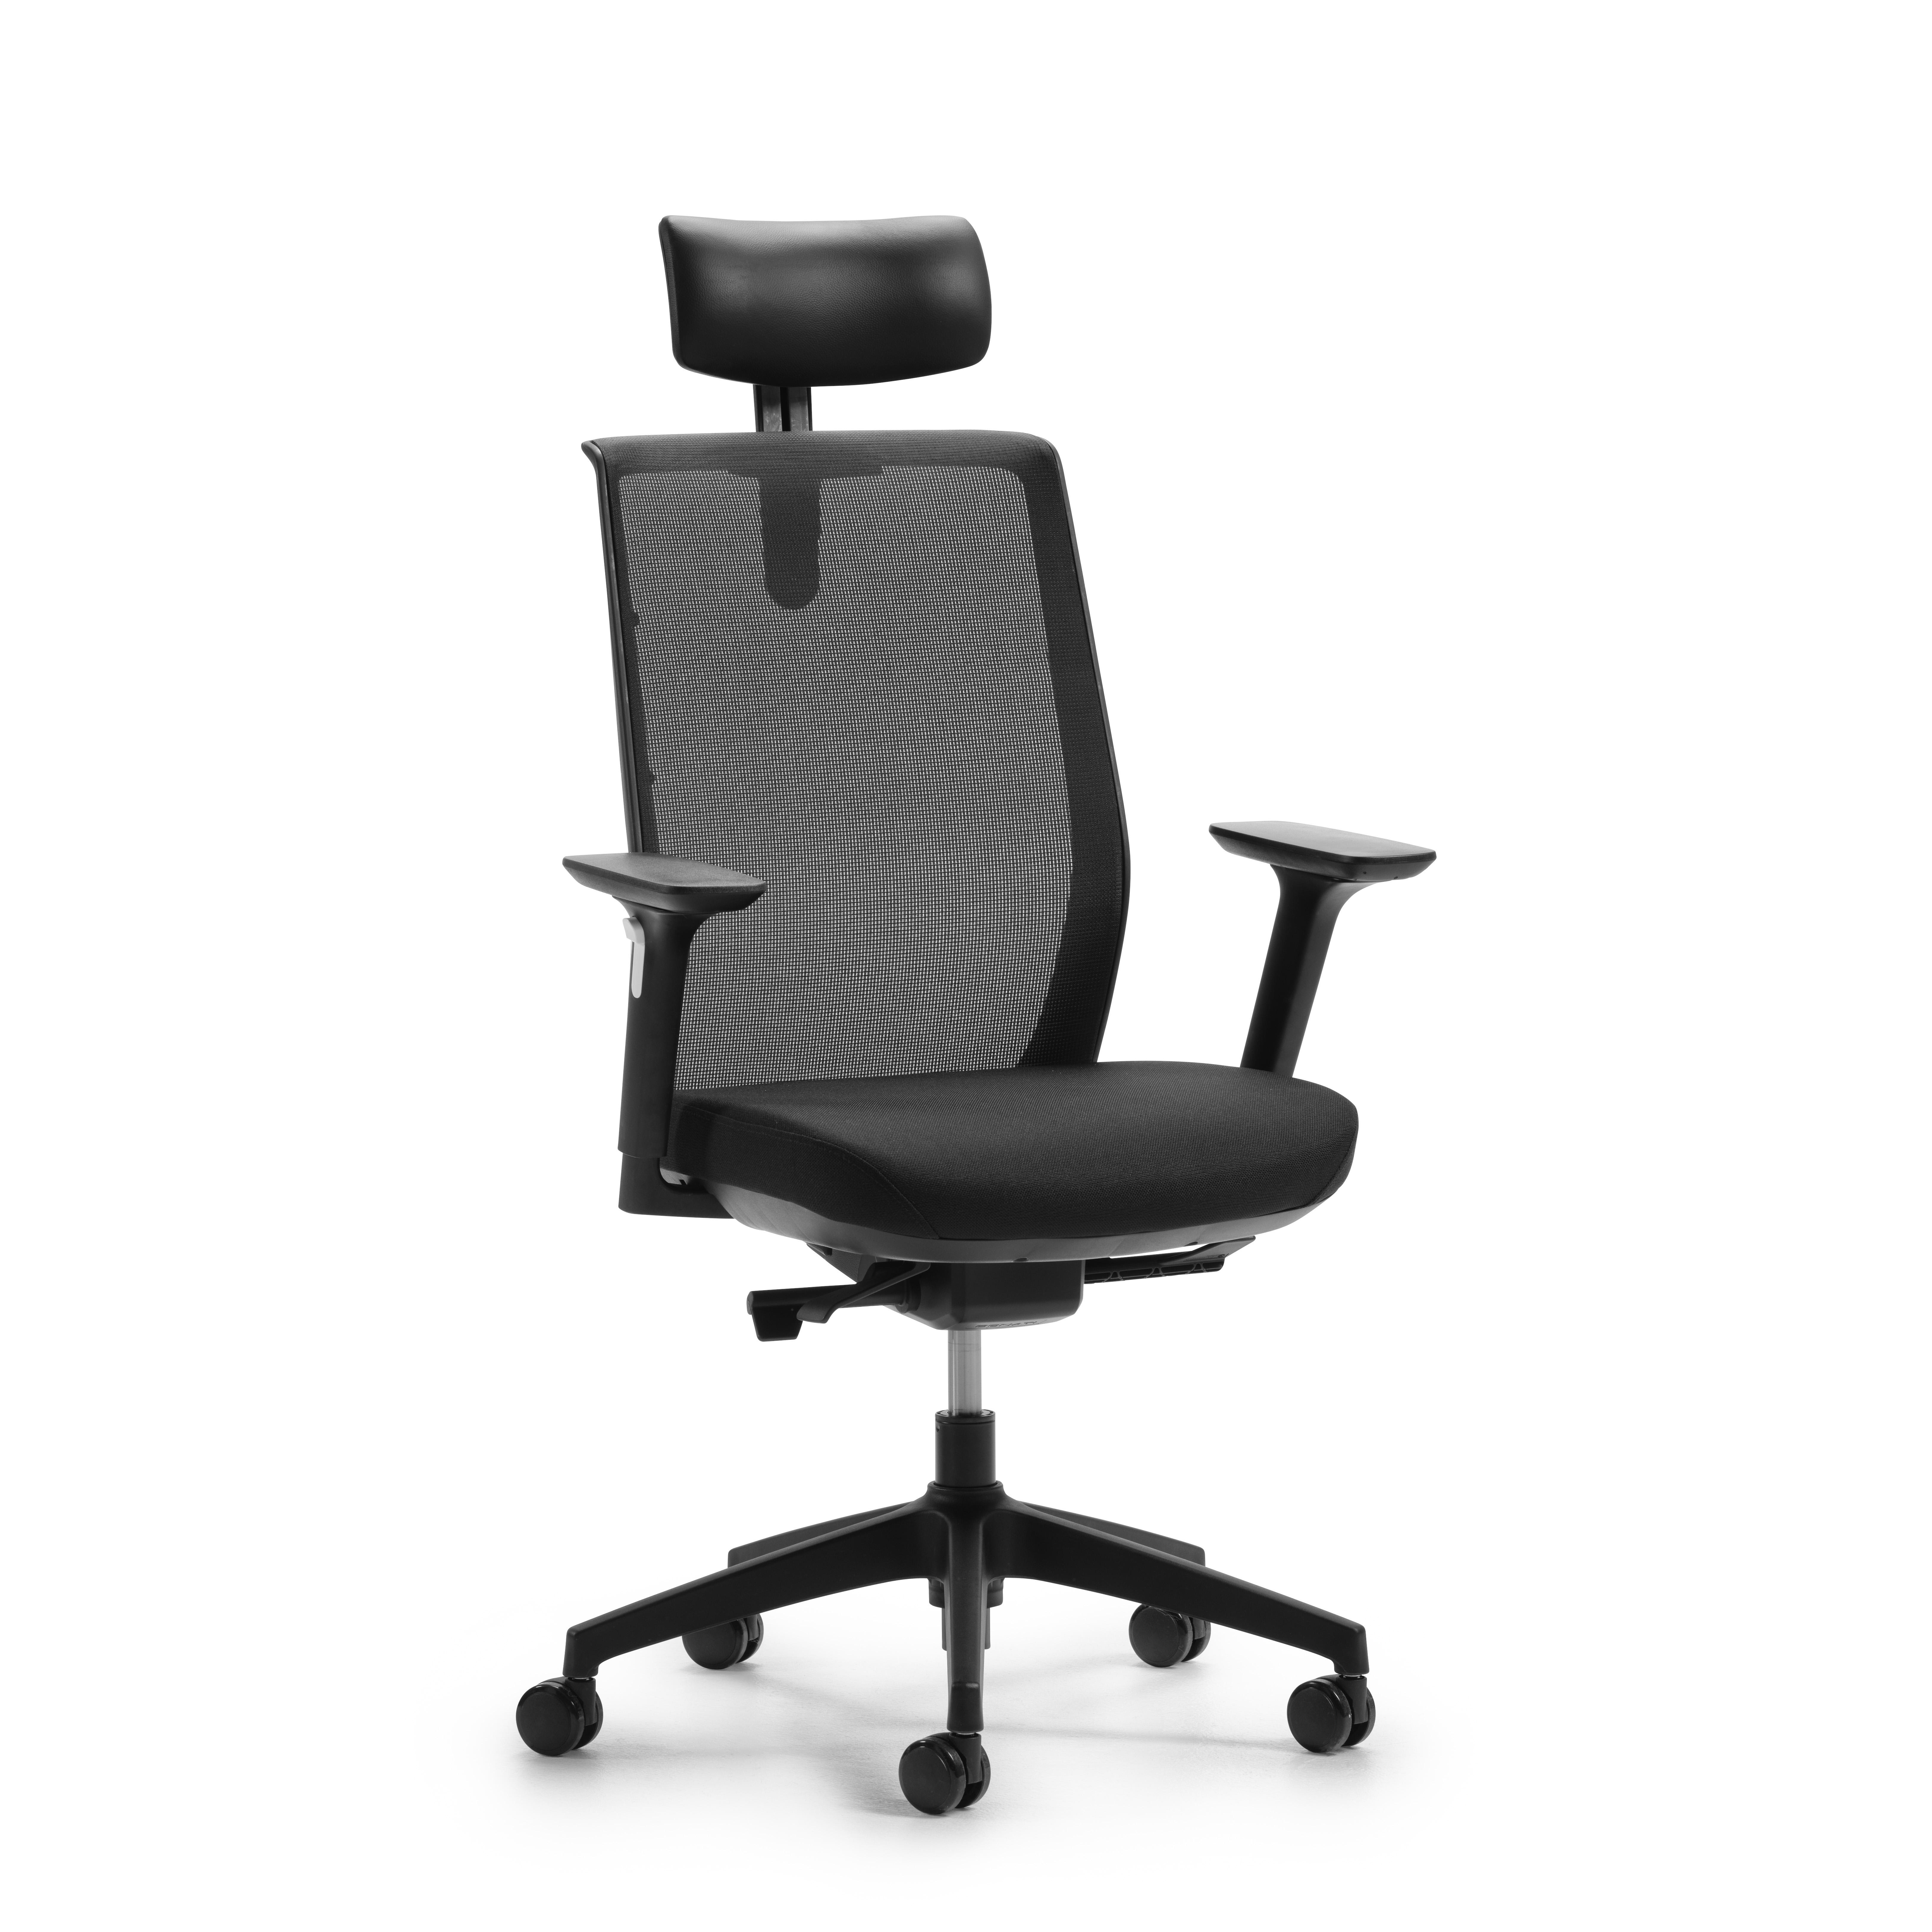 Tech arbetsstol tillverkad av Inergo